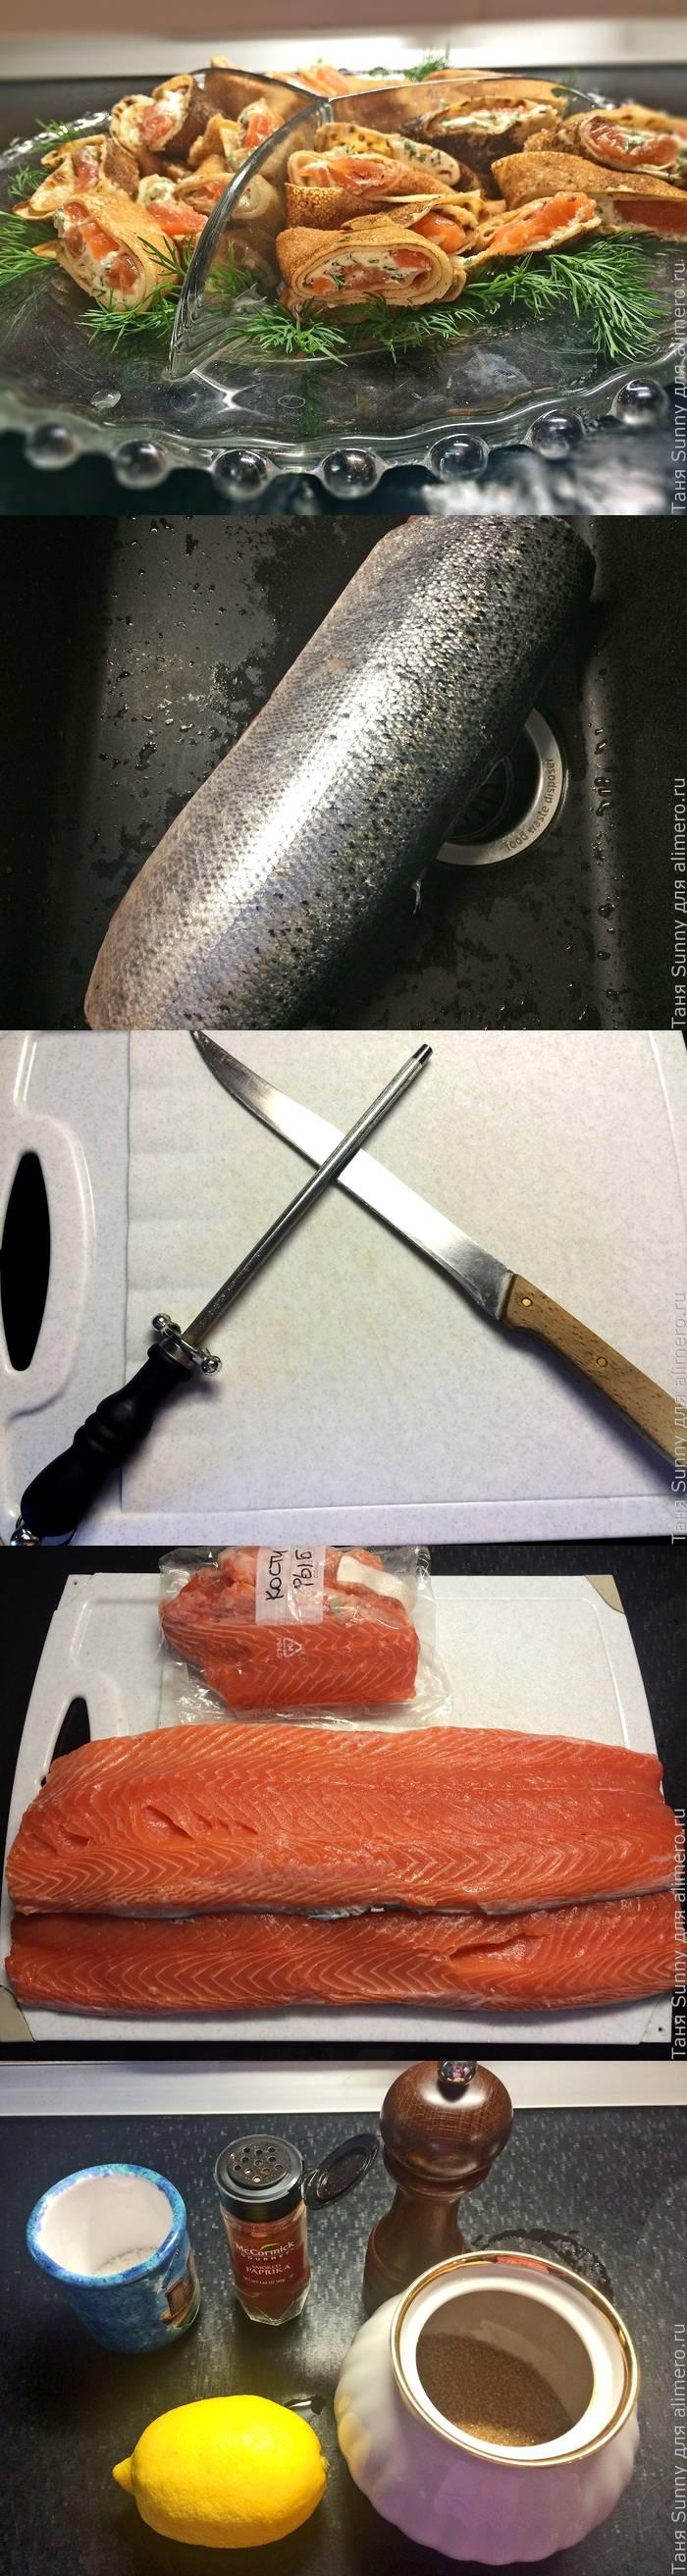 Рулетики из лосося со сливочным сыром (лосось домашнего посола)